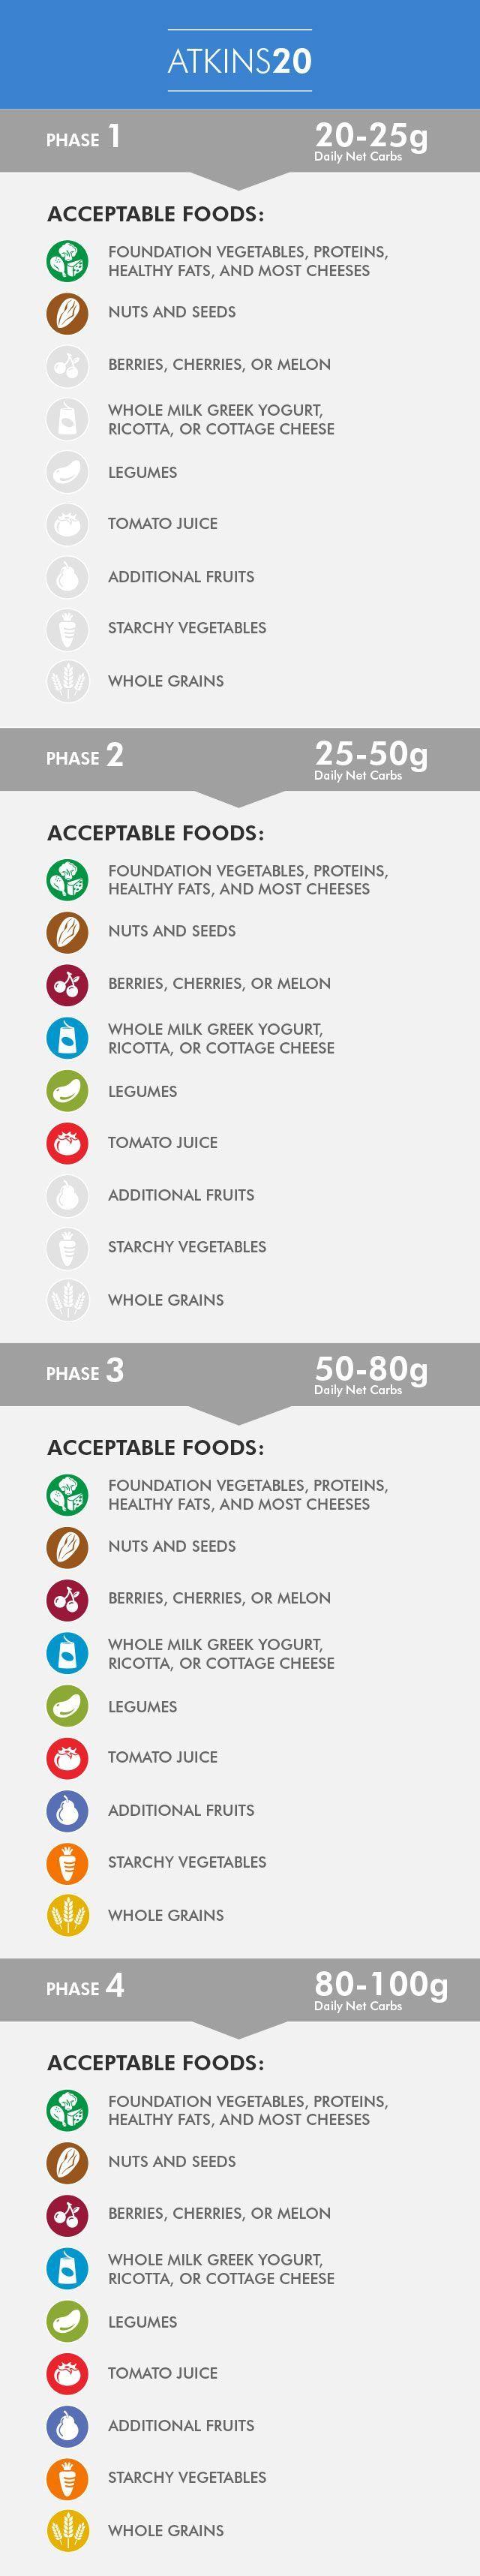 Atkins Diet Food Menu